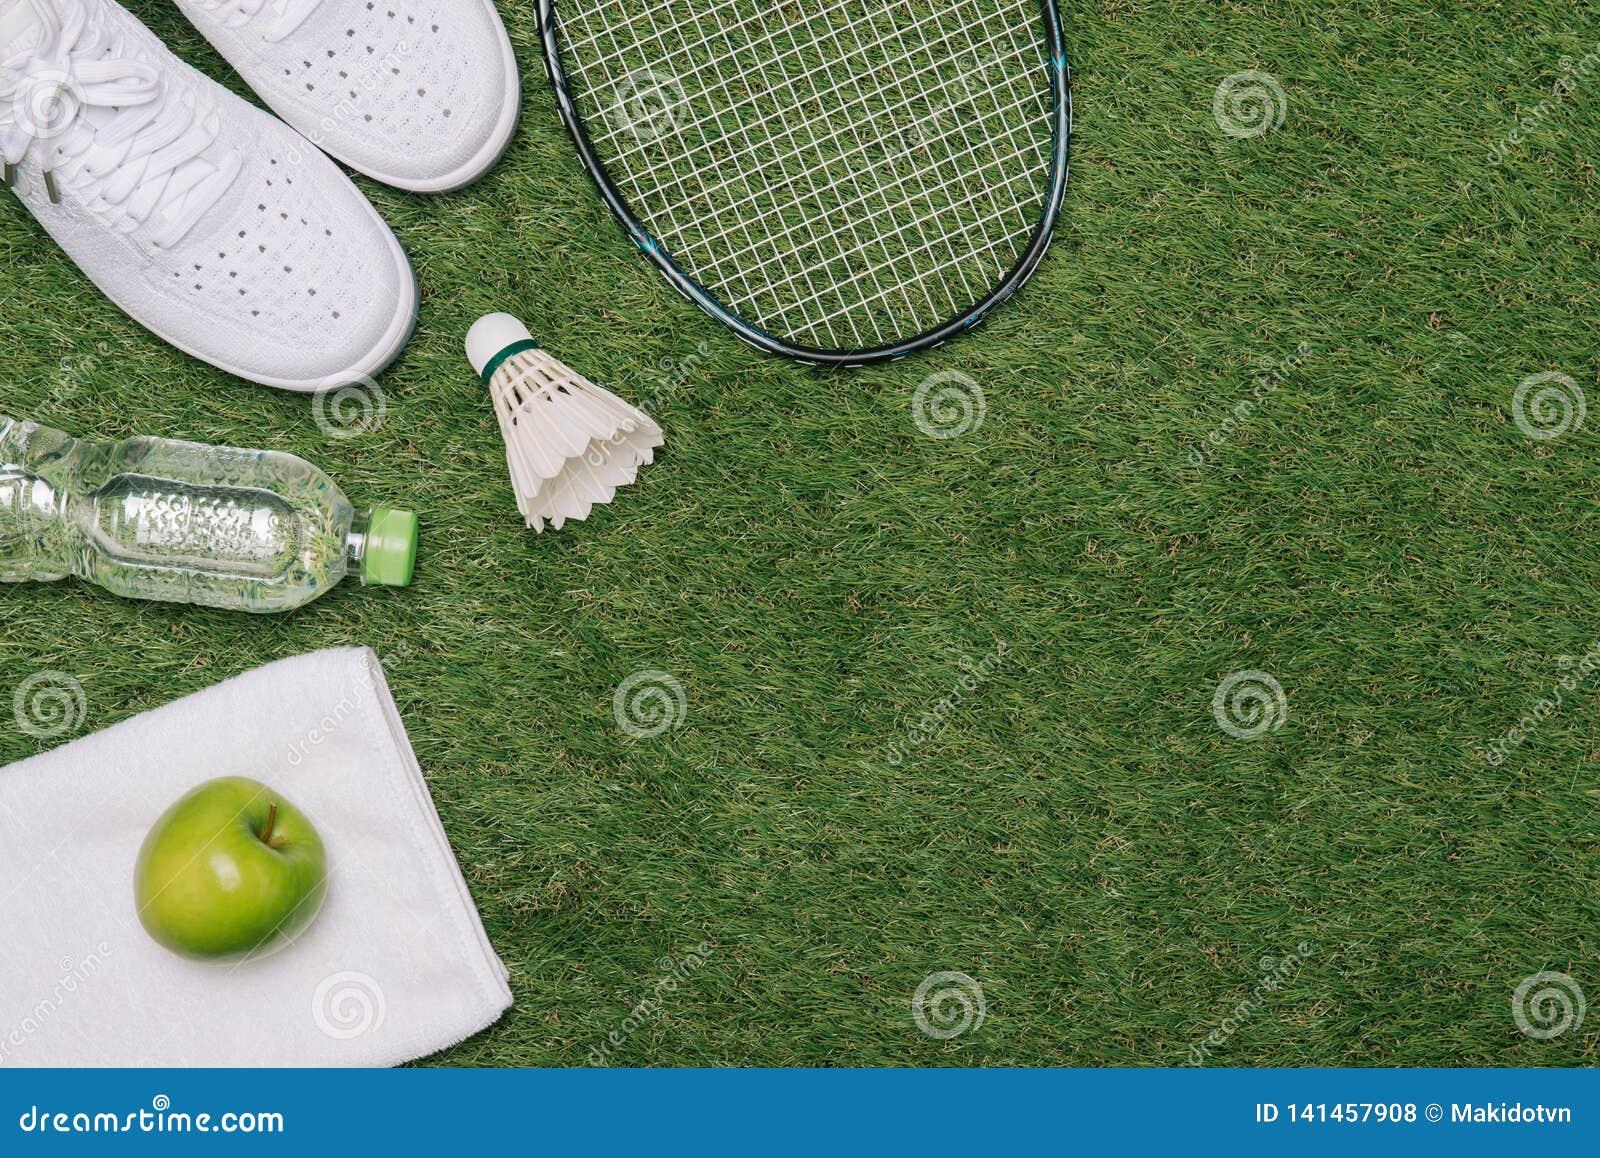 Paar sportschoenen, verse appel en toebehoren voor sport op groen gras, gezonde en actieve levensstijlen, exemplaarruimte voor te